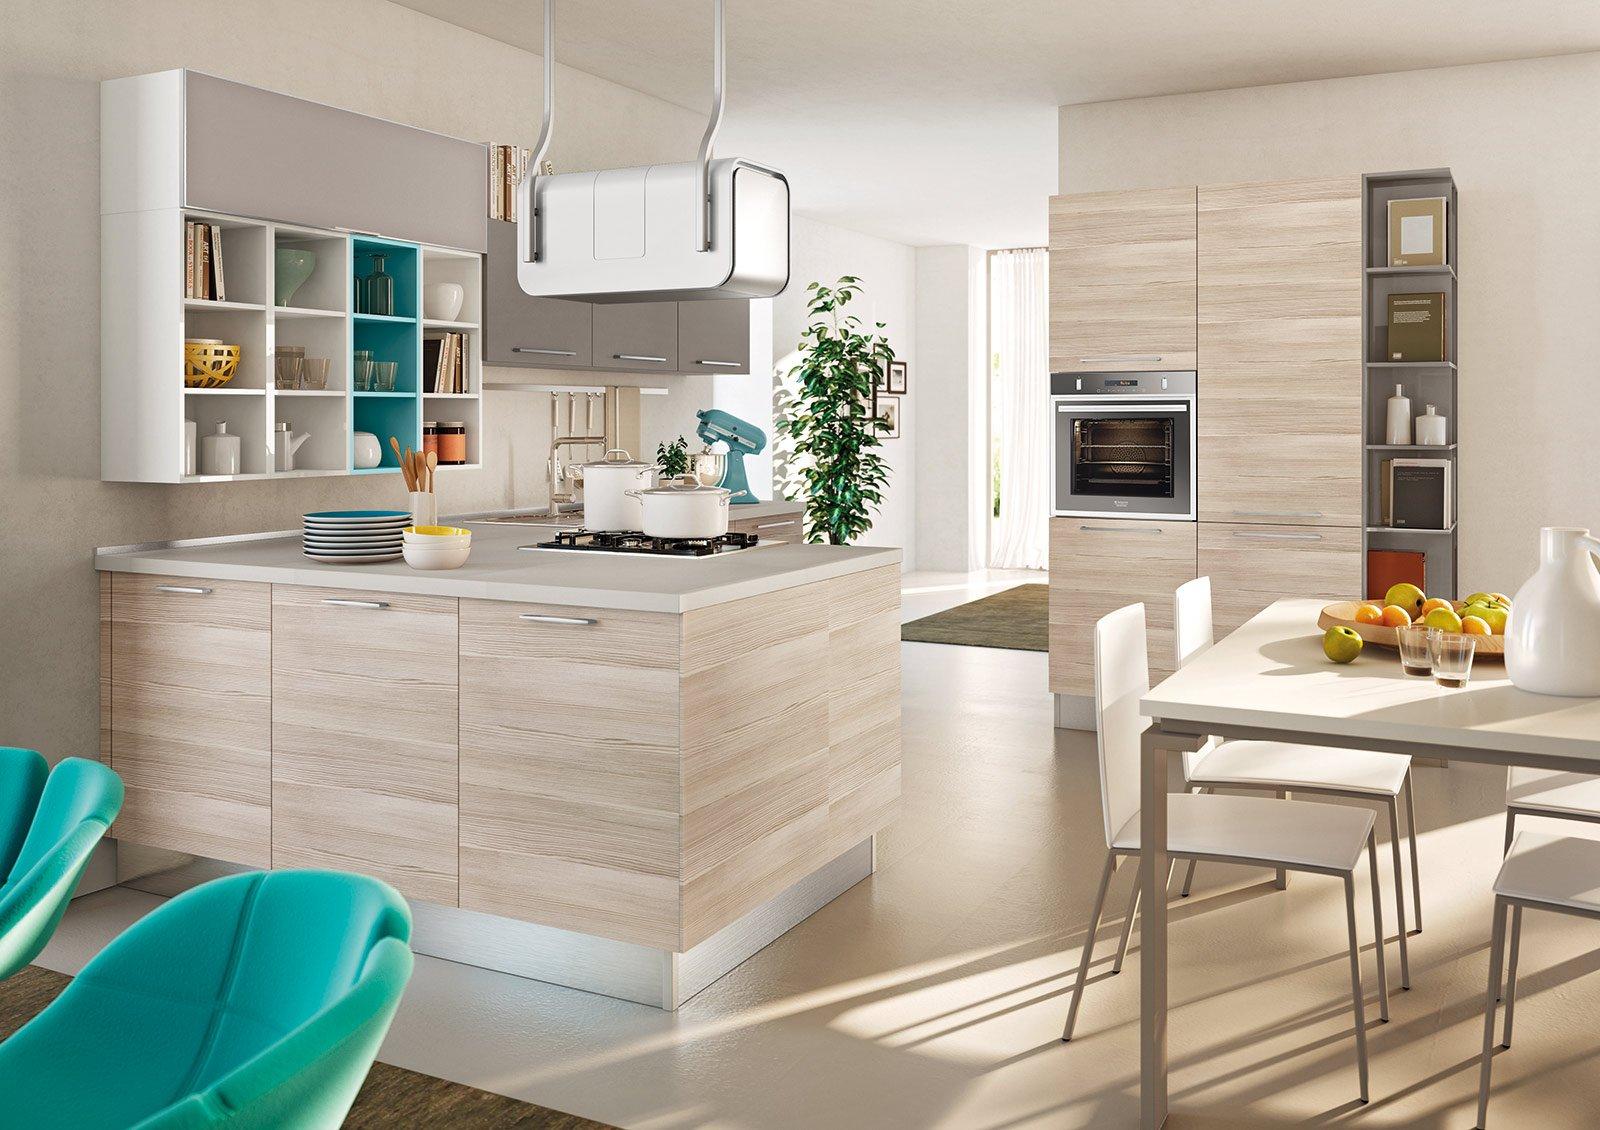 Sono Di Qualità E Certificati I Materiali Della Cucina Swing Di Lube  #088079 1600 1130 Foto Di Cucine Di Casa